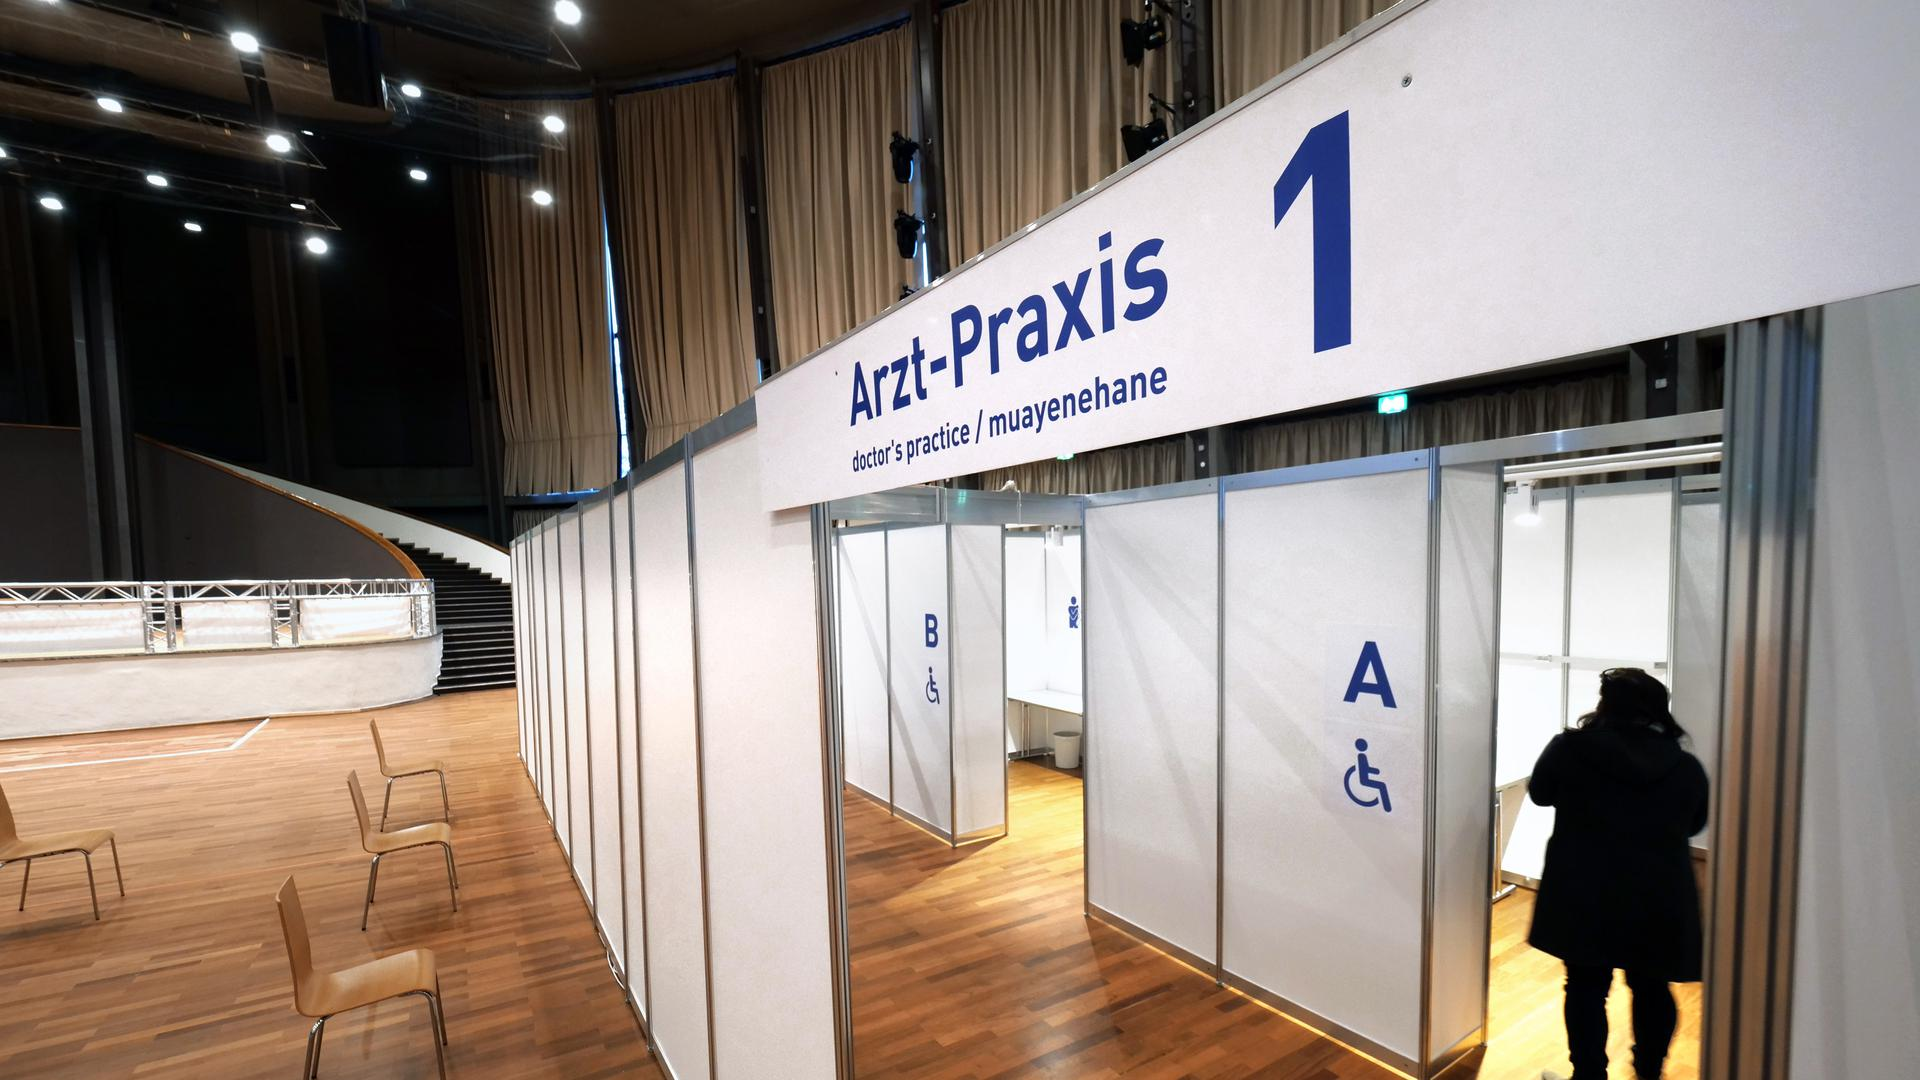 Zugang zu einer Arzt-Praxis im kommunalen Impfzentrum in der Schwarzwaldhalle